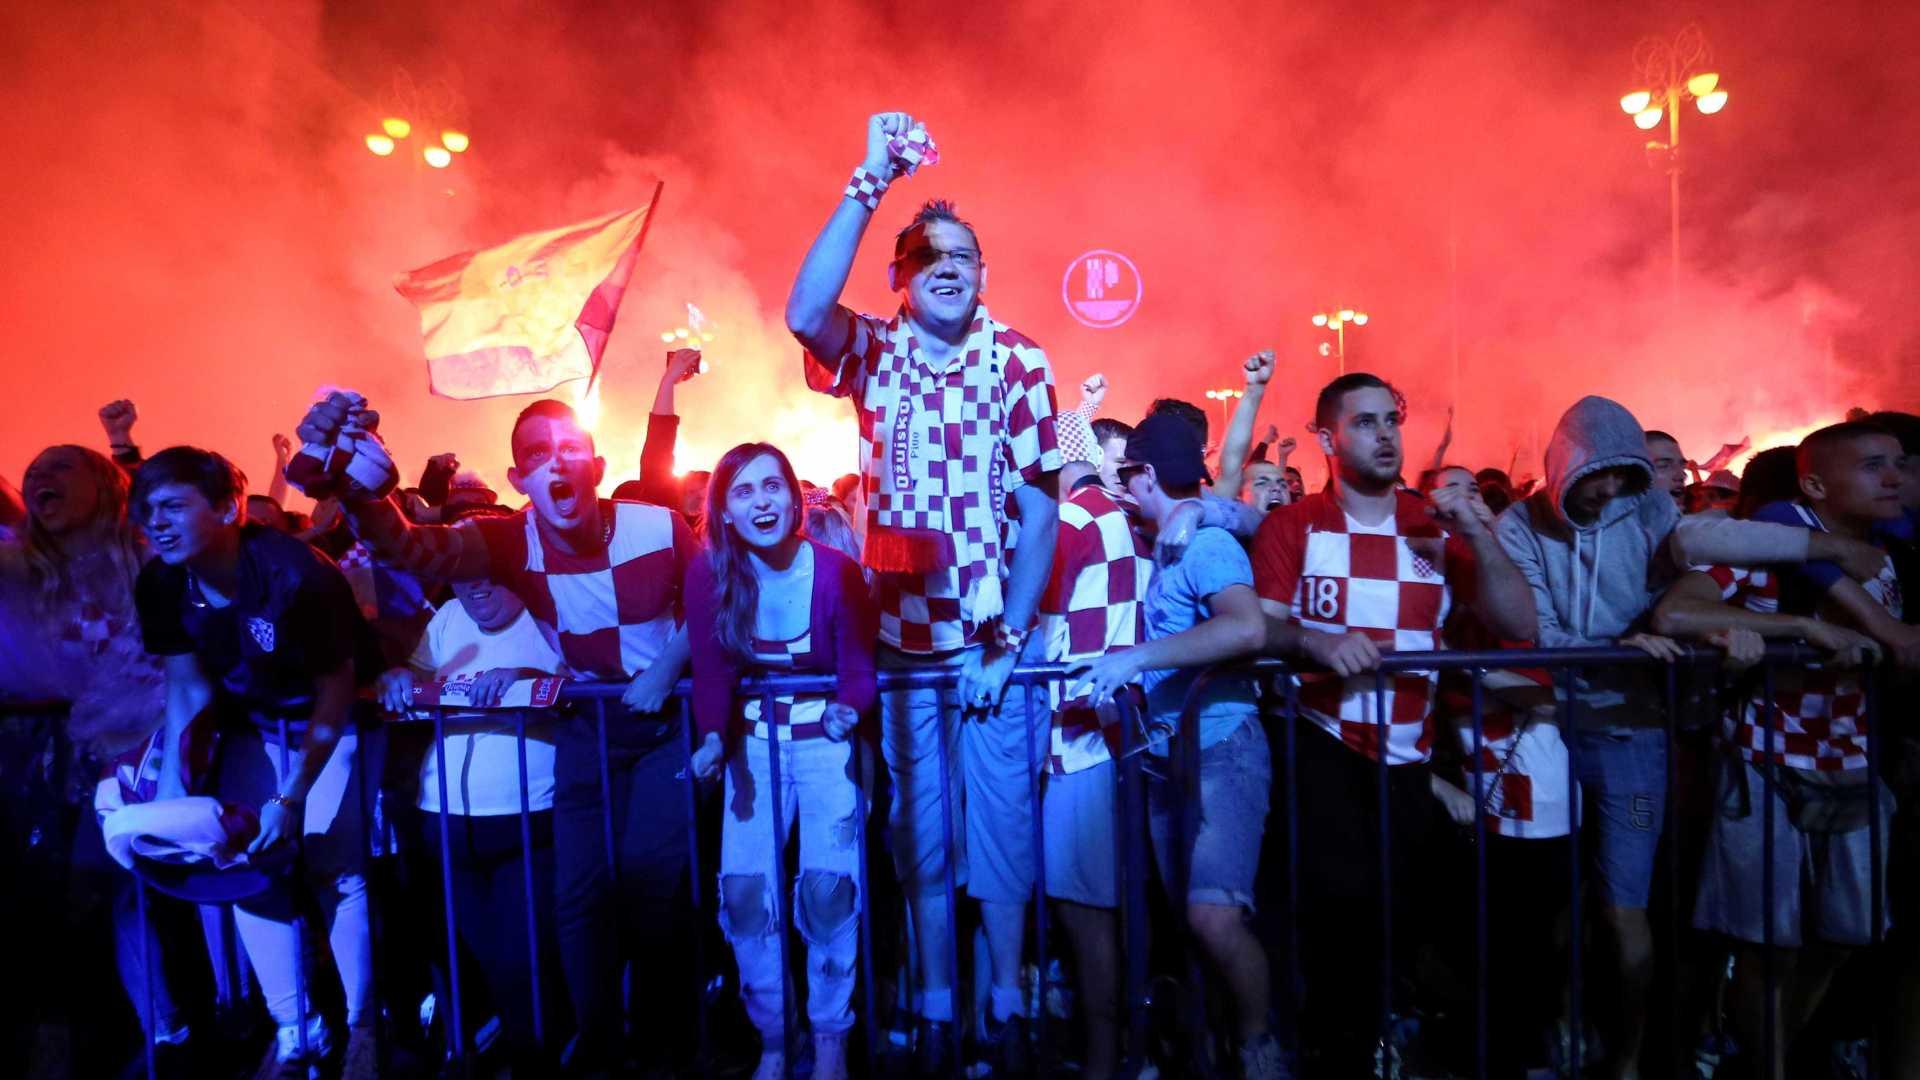 naom 5b48d37215d0c - Em termos proporcionais, Croácia é o menor país a chegar a uma final